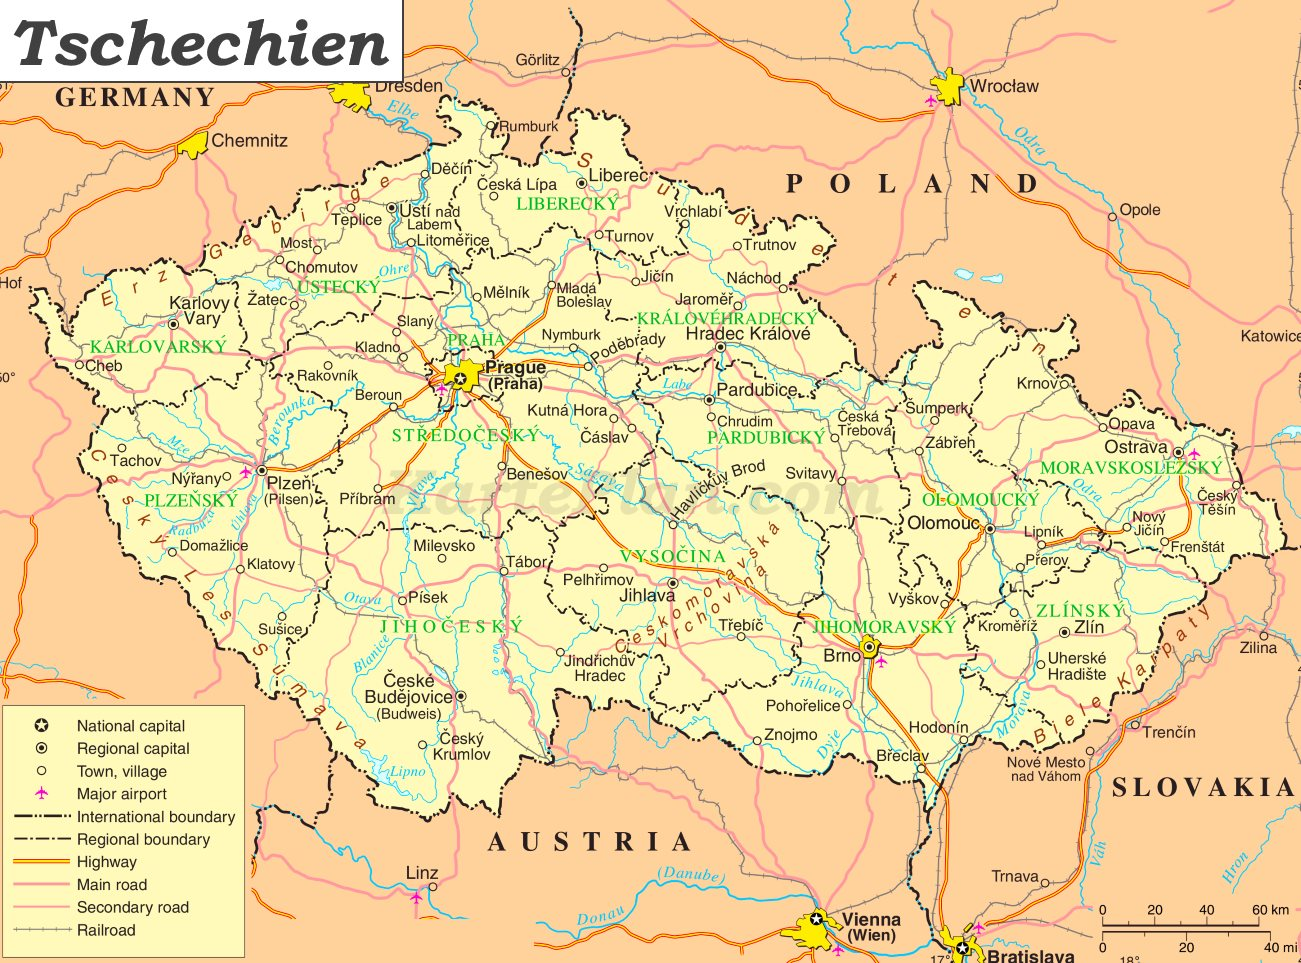 Tschechien Grenzen SchlieГџen